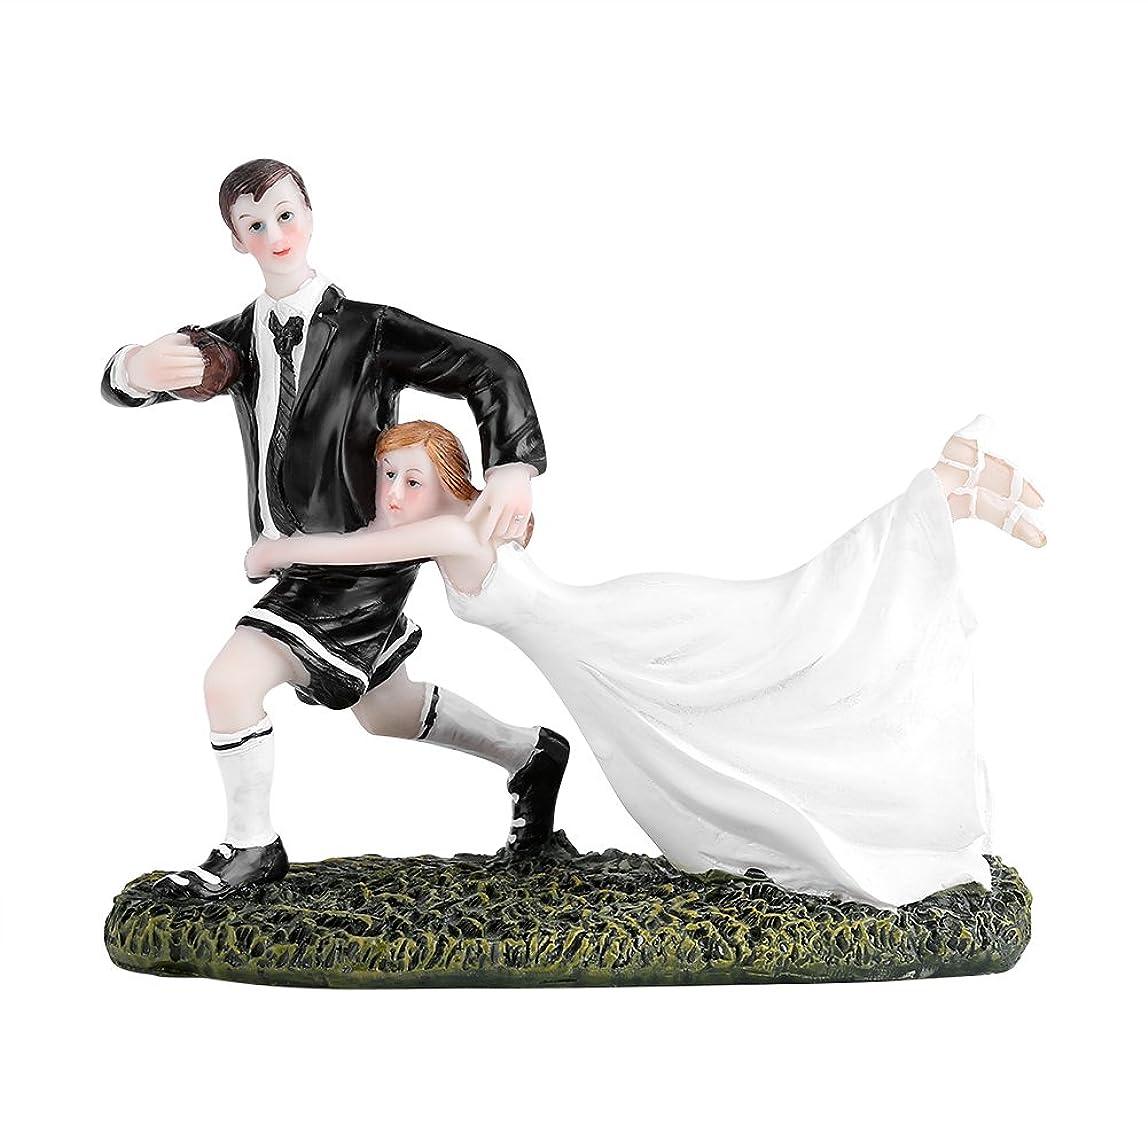 心配するレイアウトささいなカップル人形 ミニドール 置物 男の子 女の子 カップル 結婚式 ドール 恋愛 バレンタインデー ウェディング 結婚式 飾り付け 手工芸品